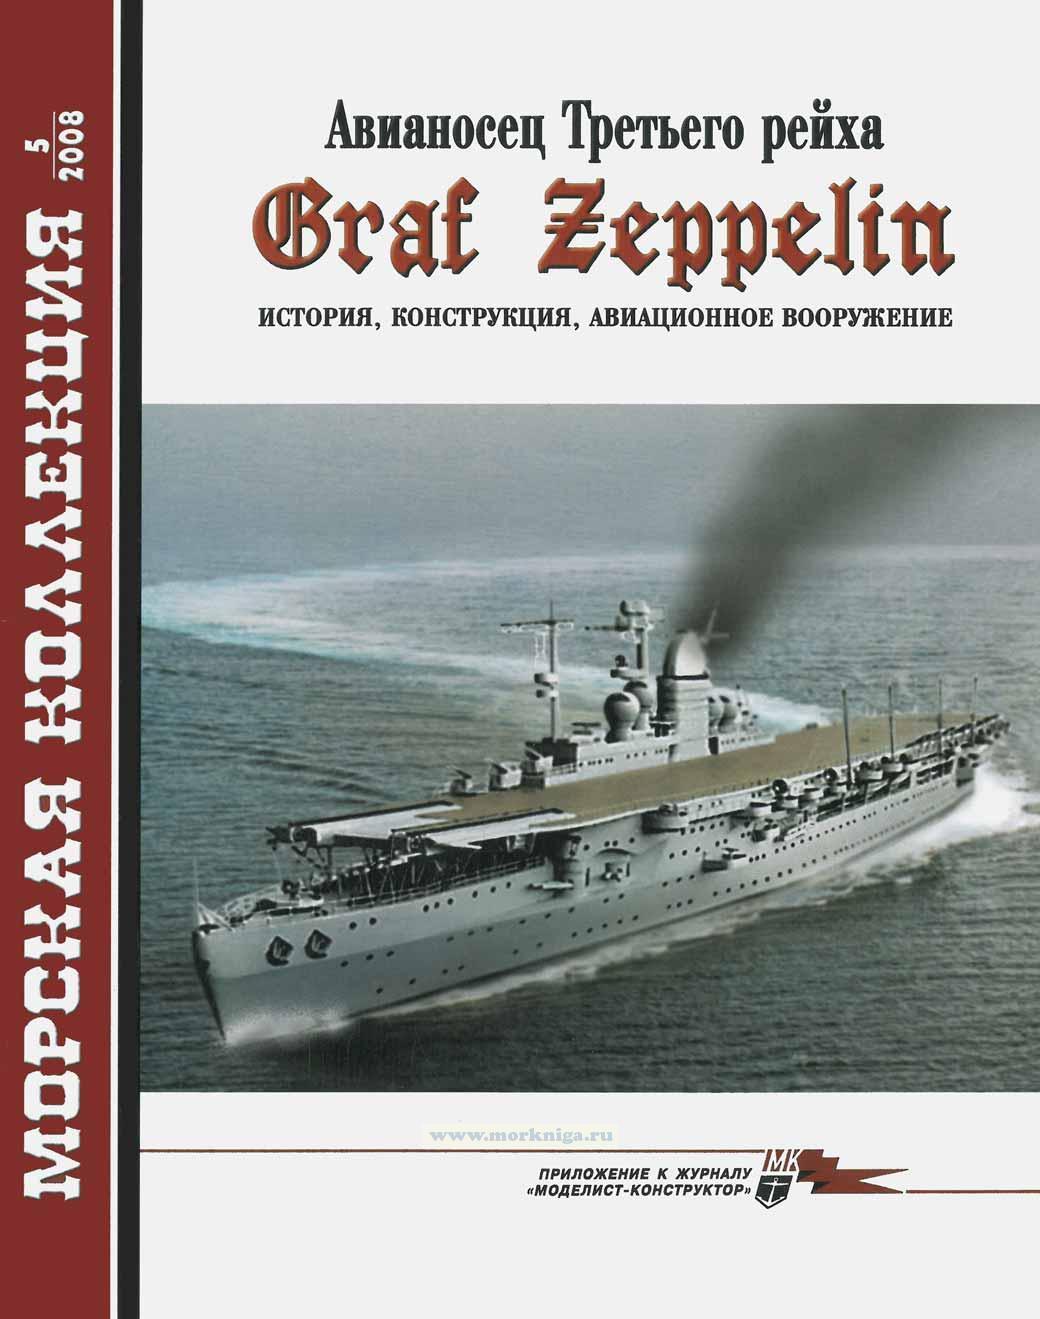 """Авианосец Третьего рейха """"Graf Zeppelin"""" история, конструкция, авиационное вооружение. Морская коллекция №5 (2008)"""